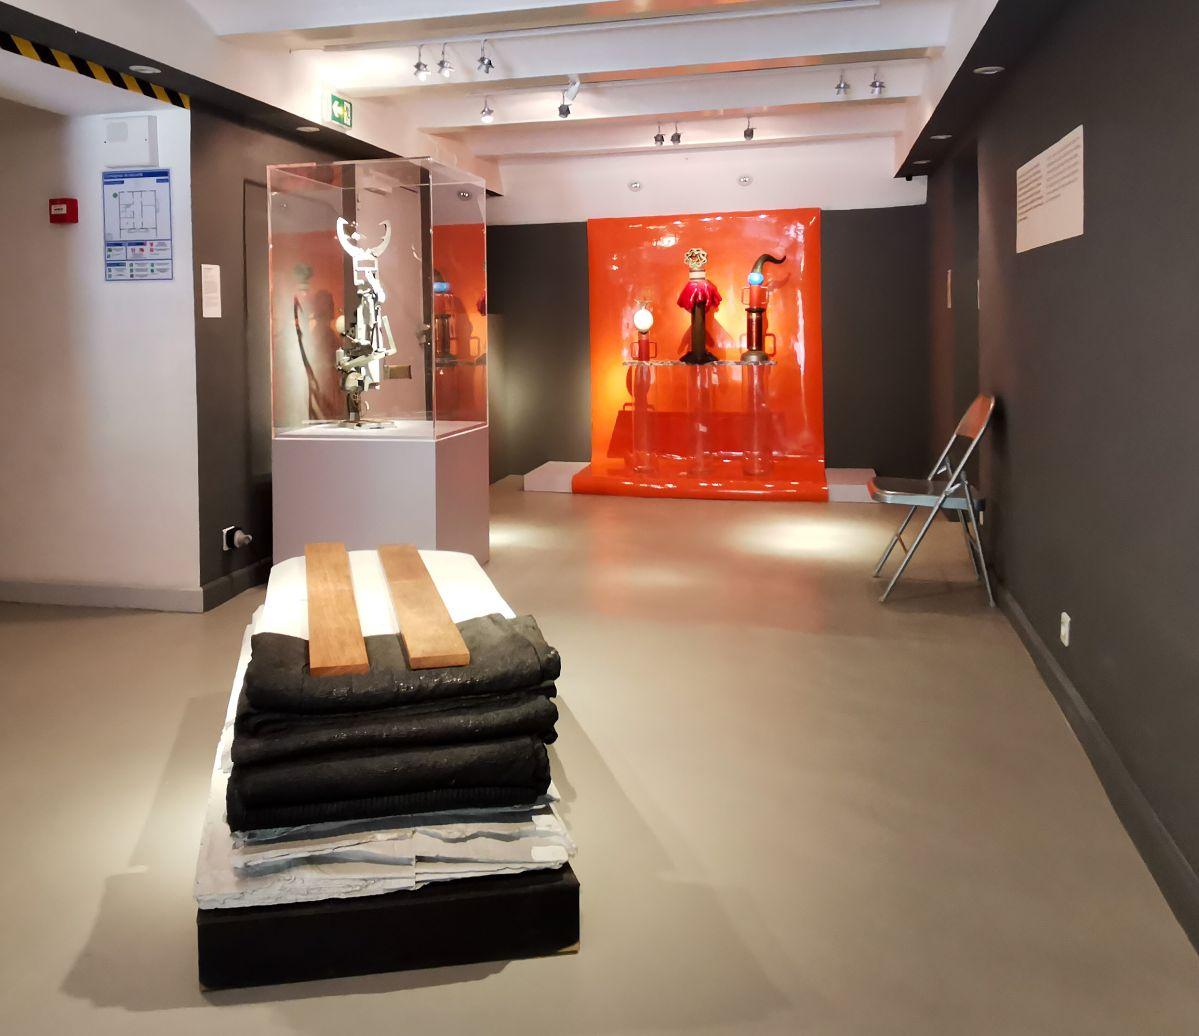 Recyclage/Surcyclage à la Villa Datris - Déchets animés - Vue de l'exposition